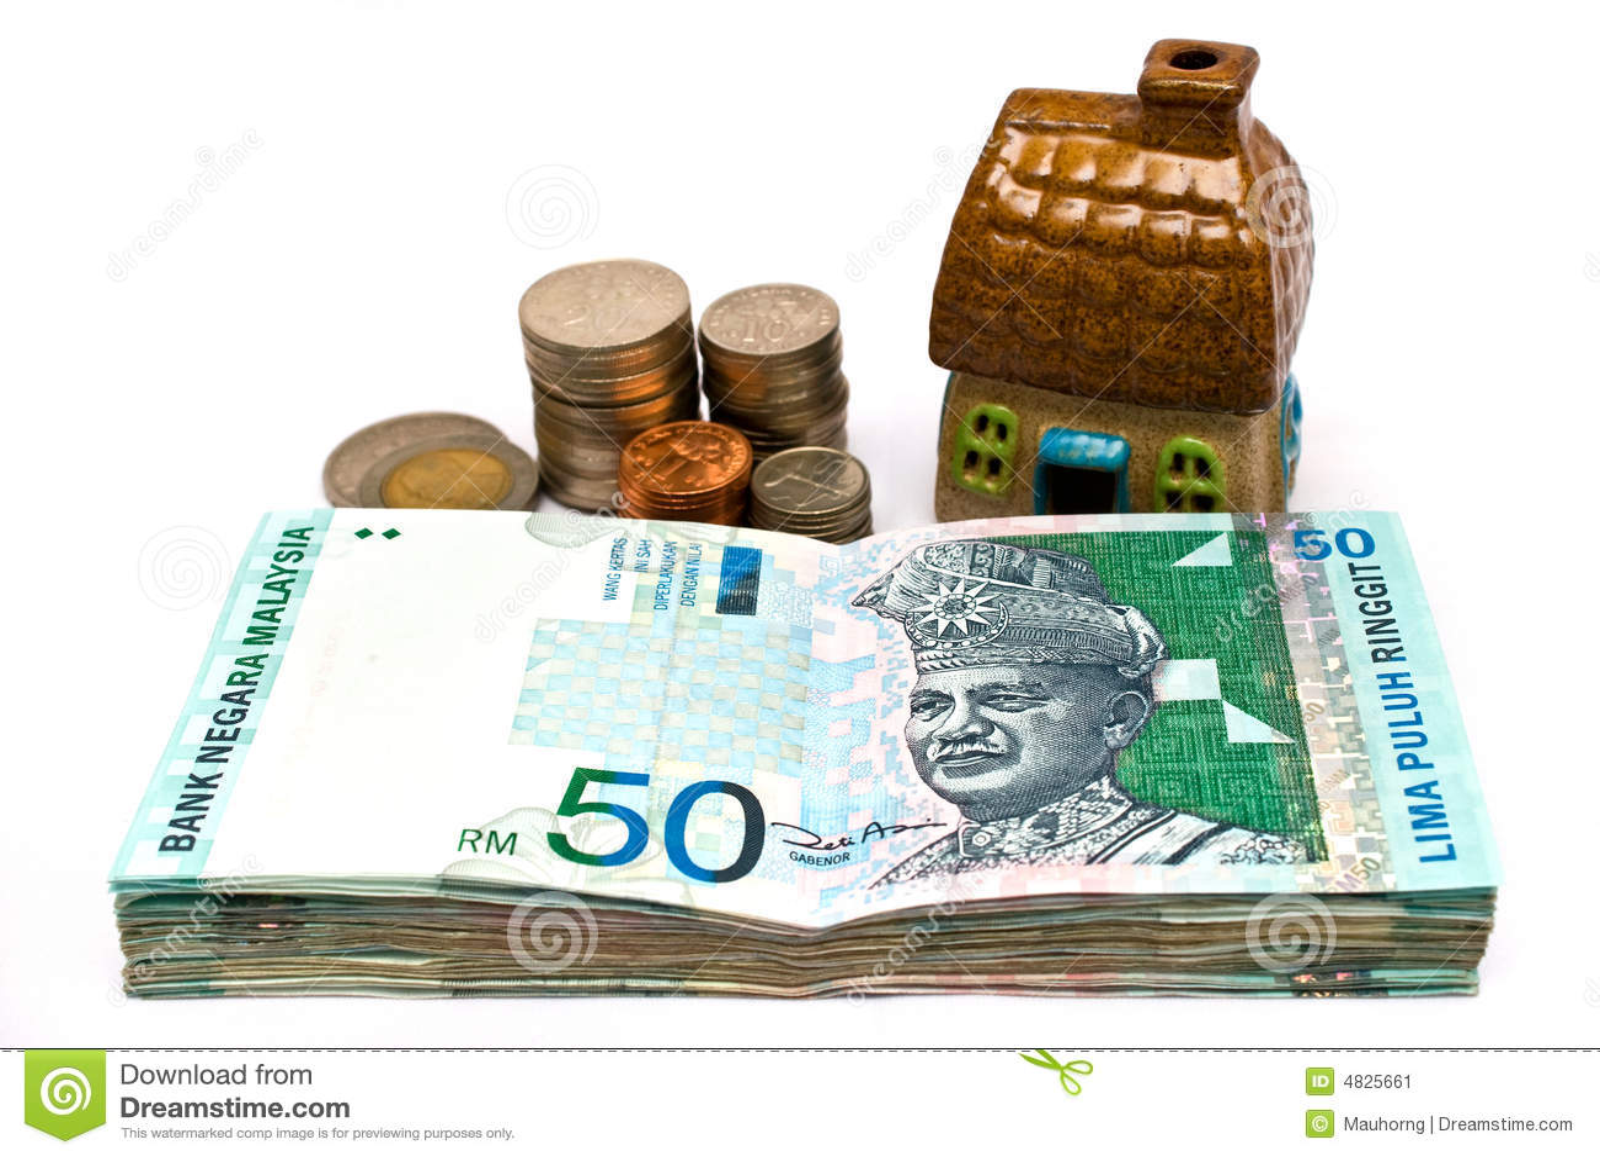 Money is Property